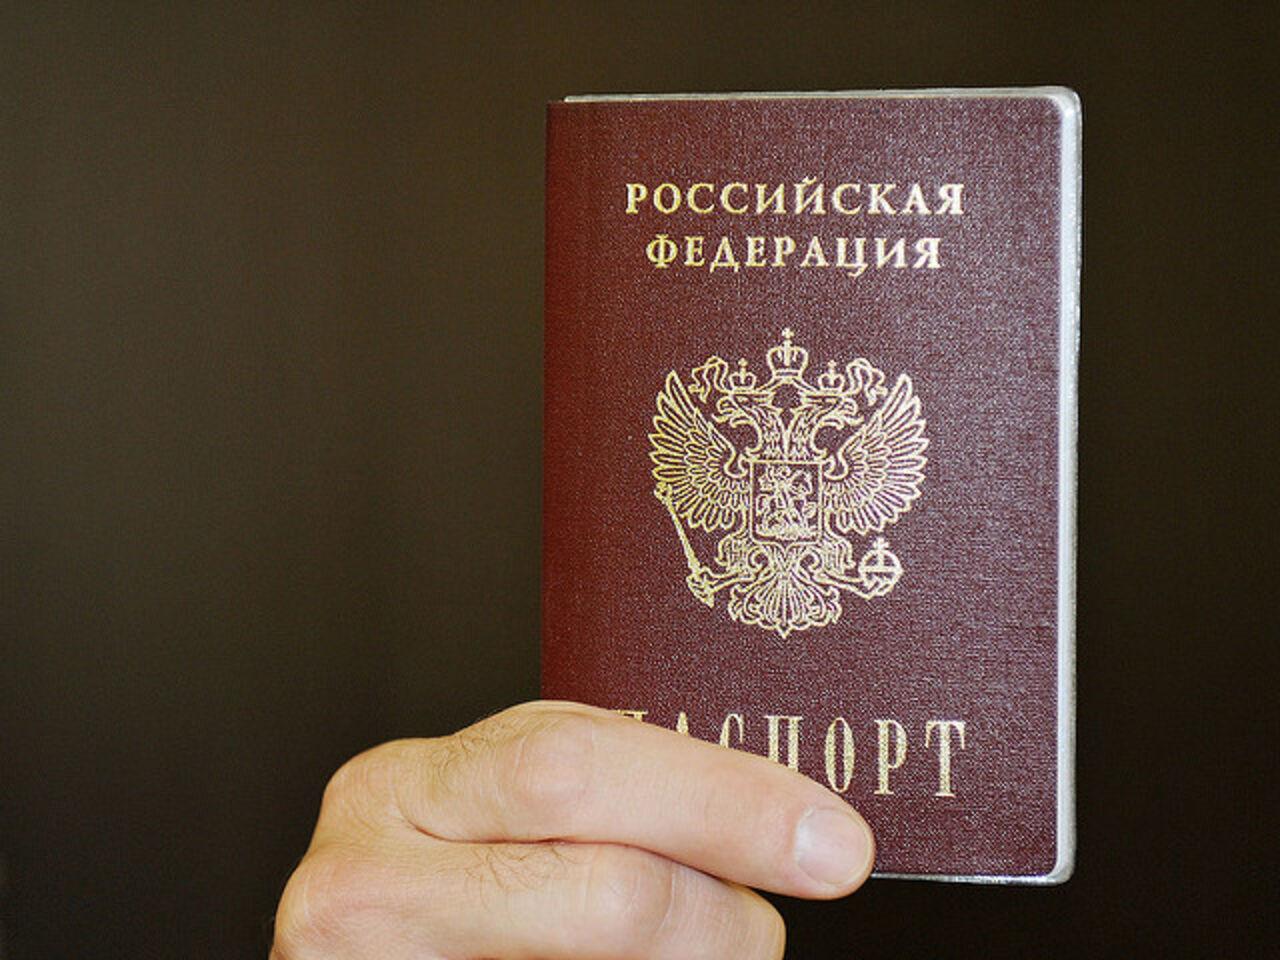 Против упрощенного получения гражданства для выходцев изСНГ 71% граждан России